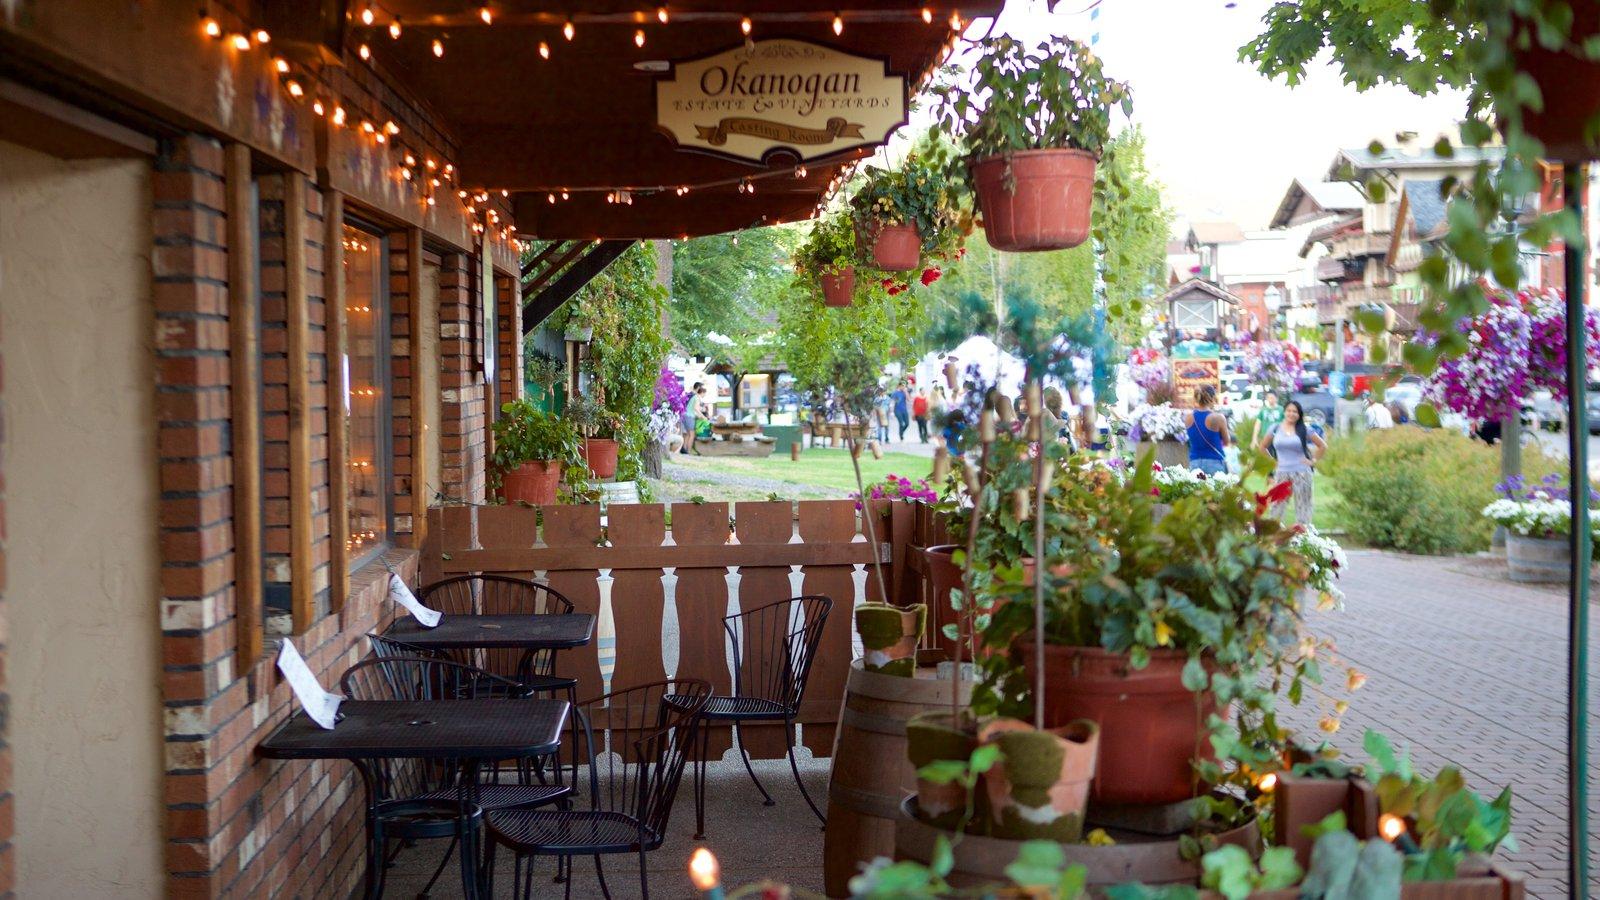 Leavenworth mostrando cenas de rua e jantar ao ar livre